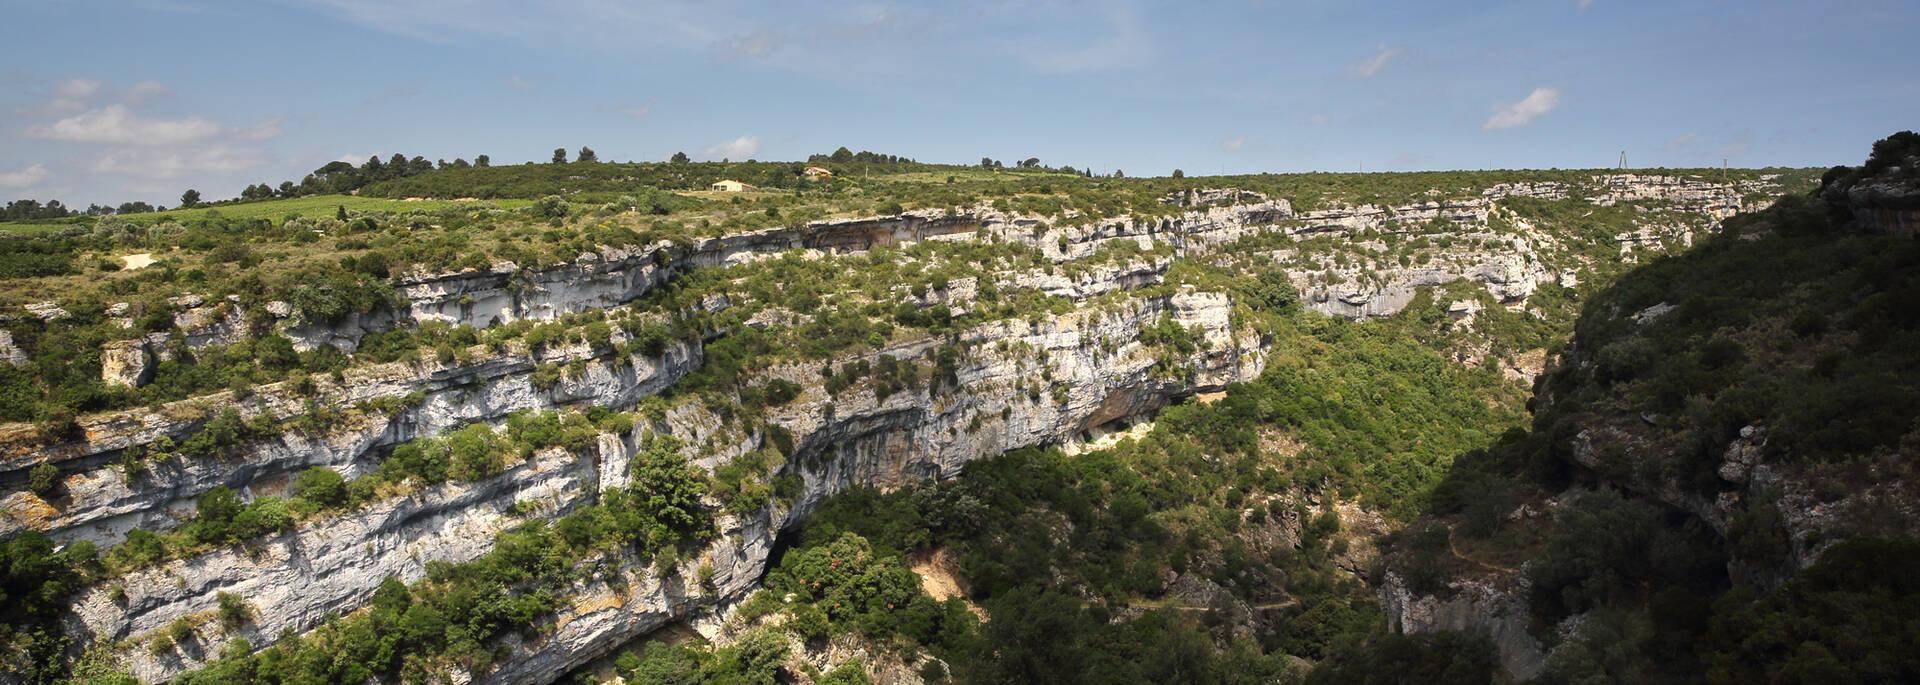 """Gorges of the """"Pays d'Art et d'Histoire"""" in the  Haut Languedoc et Vignobles"""